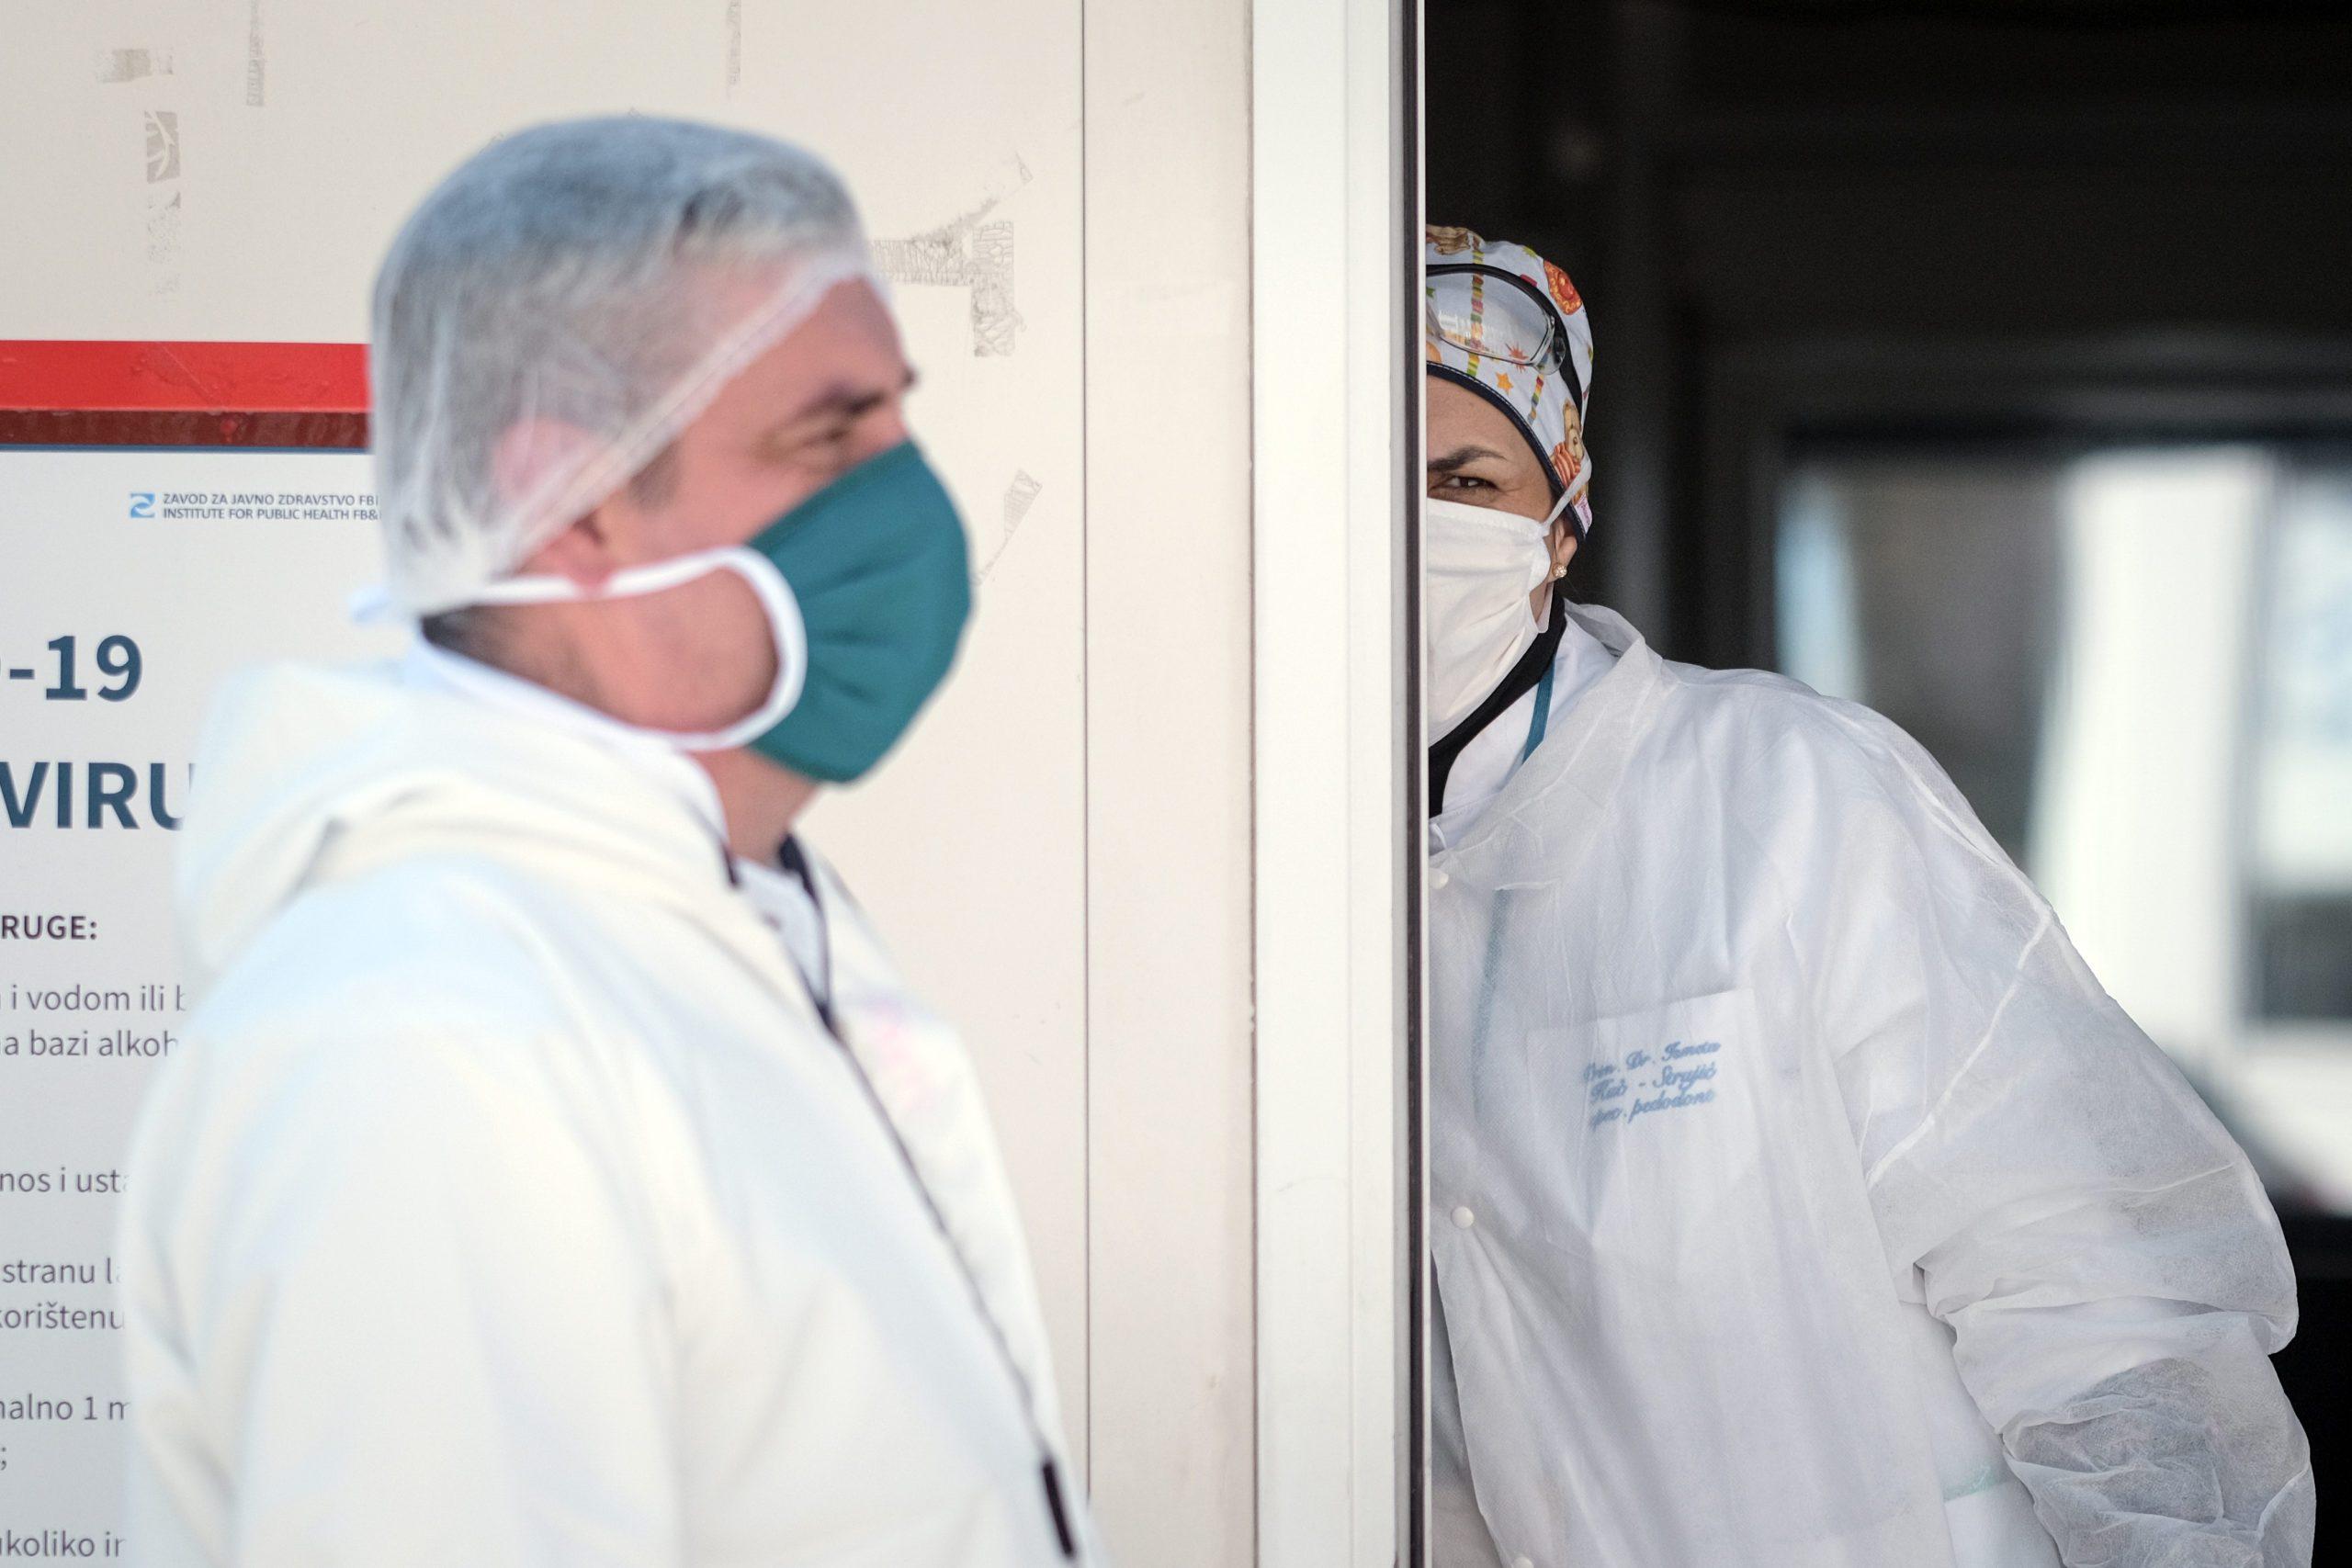 sarajevo:-poziv-lekarima-u-penziji-da-pomognu-protiv-korona-virusa